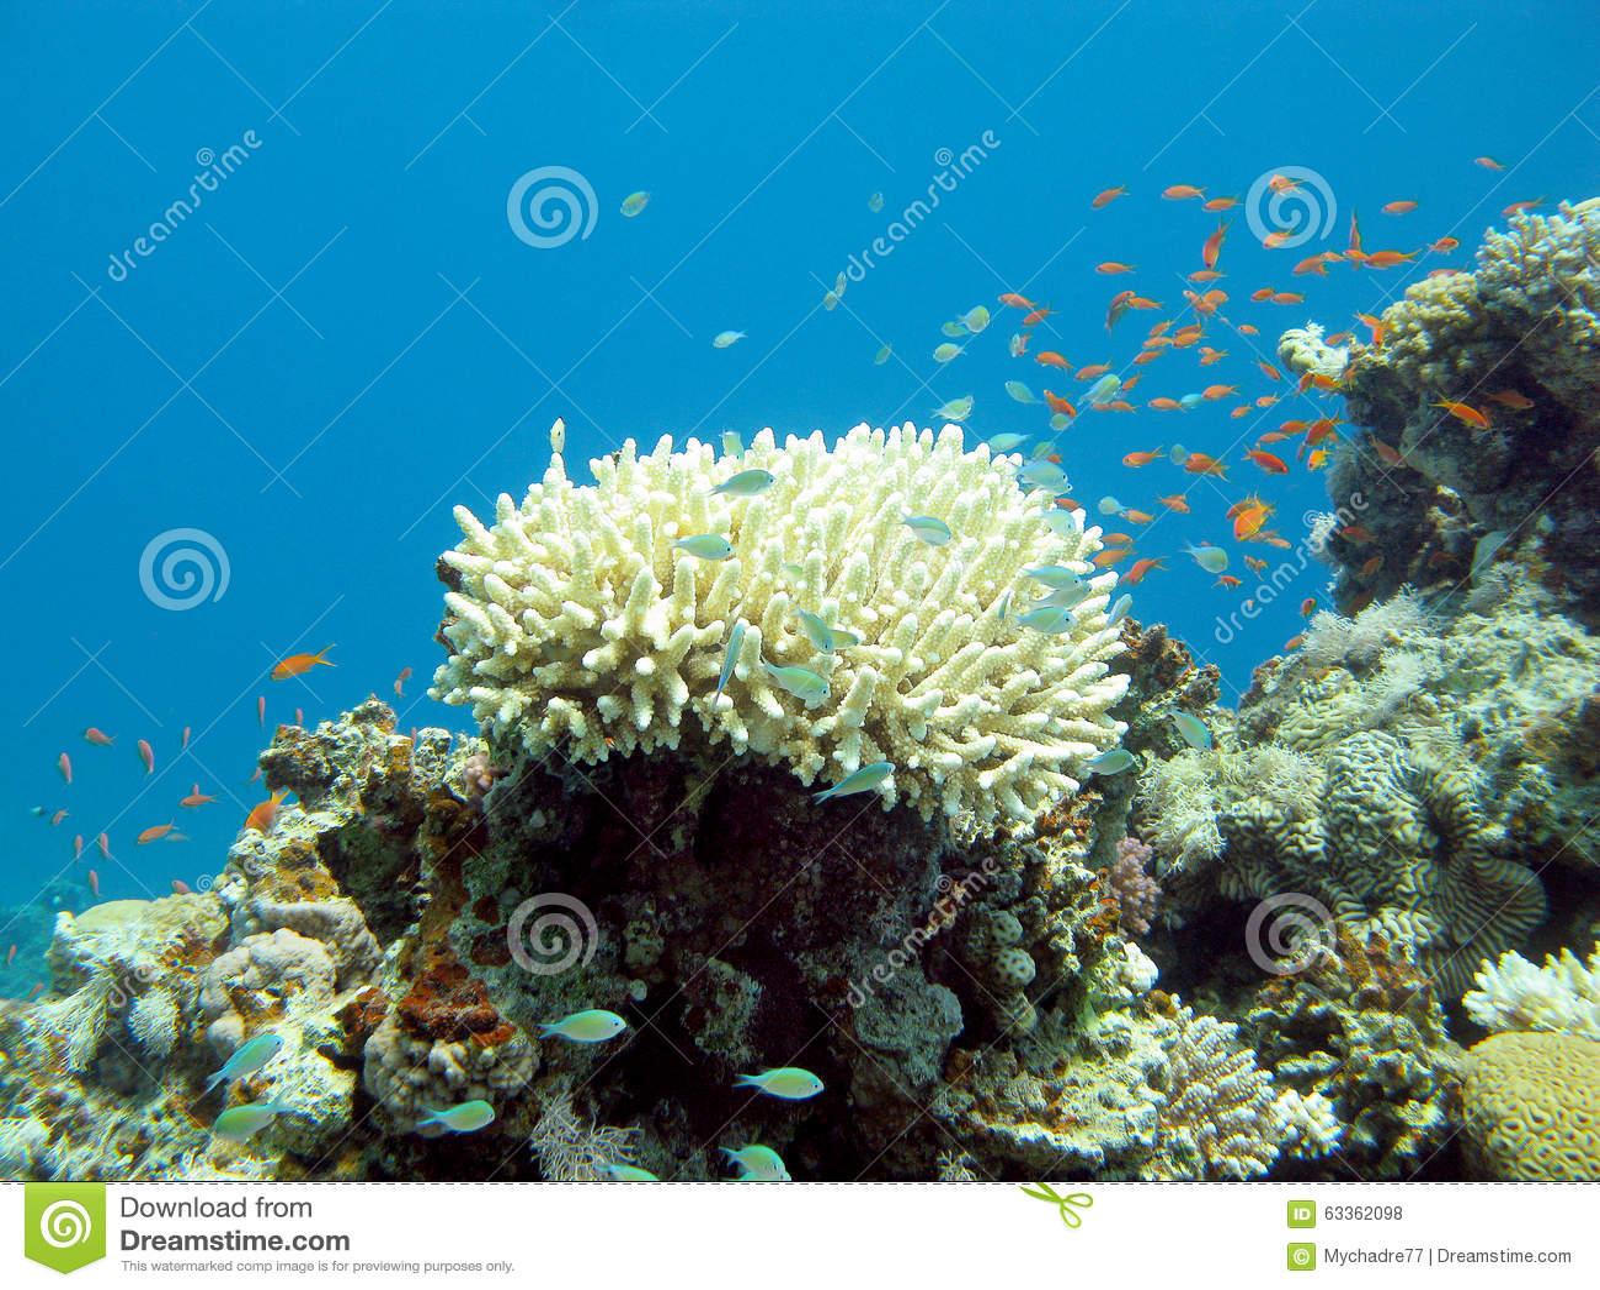 korallenriff mit exotischen fischen im tropischen meer